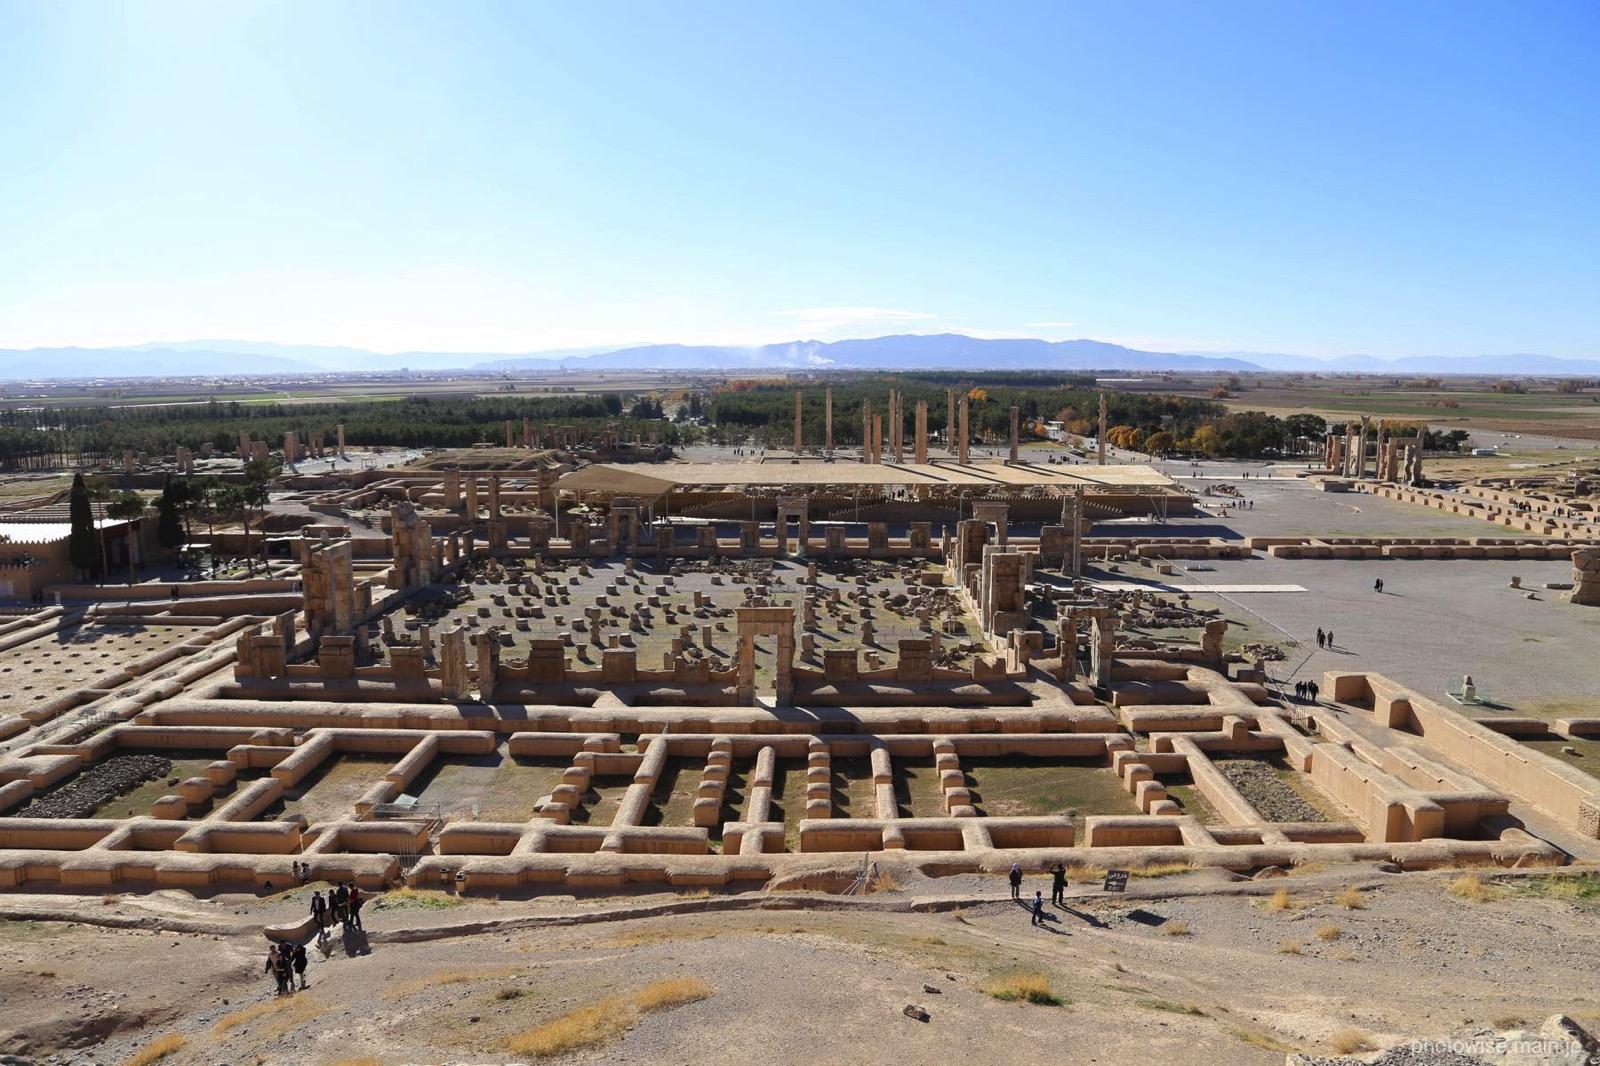 王の墓から見下ろしたペルセポリス